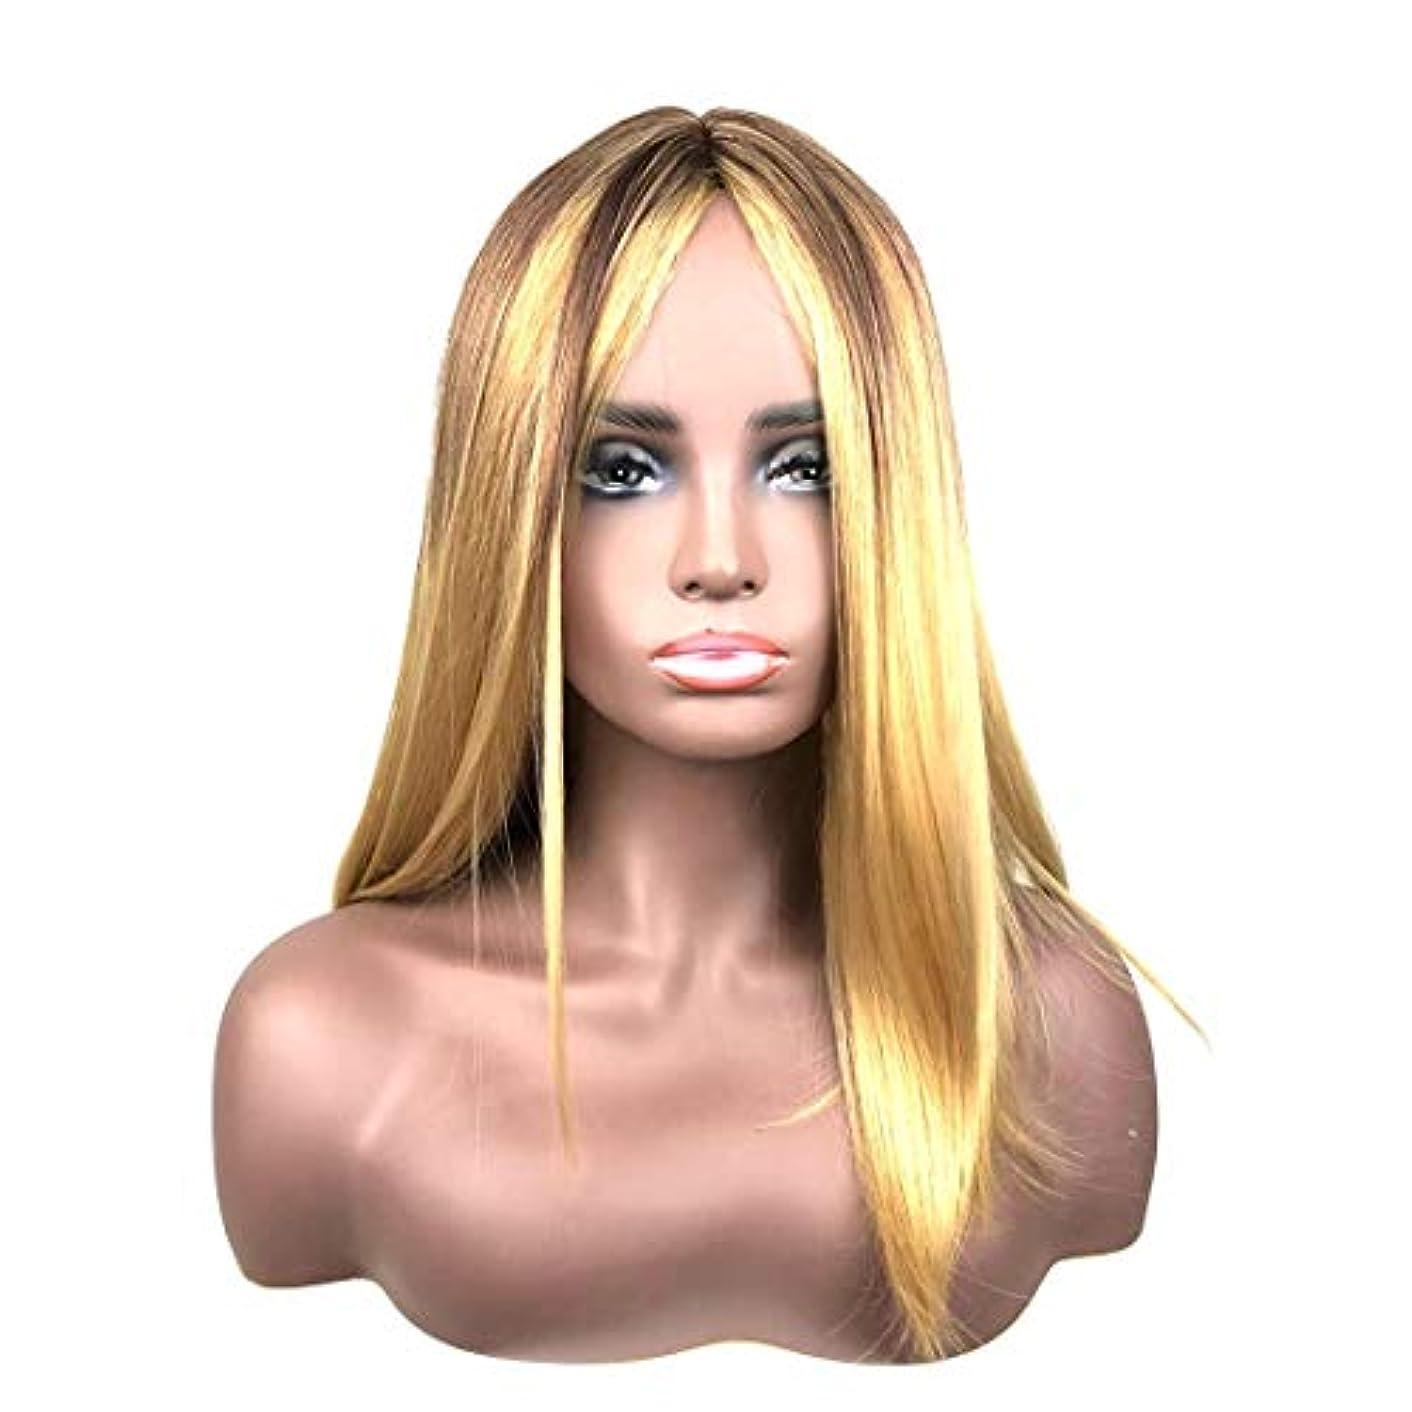 エンドテーブル優先スリムKerwinner 前髪合成耐熱性女性のヘアスタイルと短いふわふわボブ変態ストレートヘアウィッグ